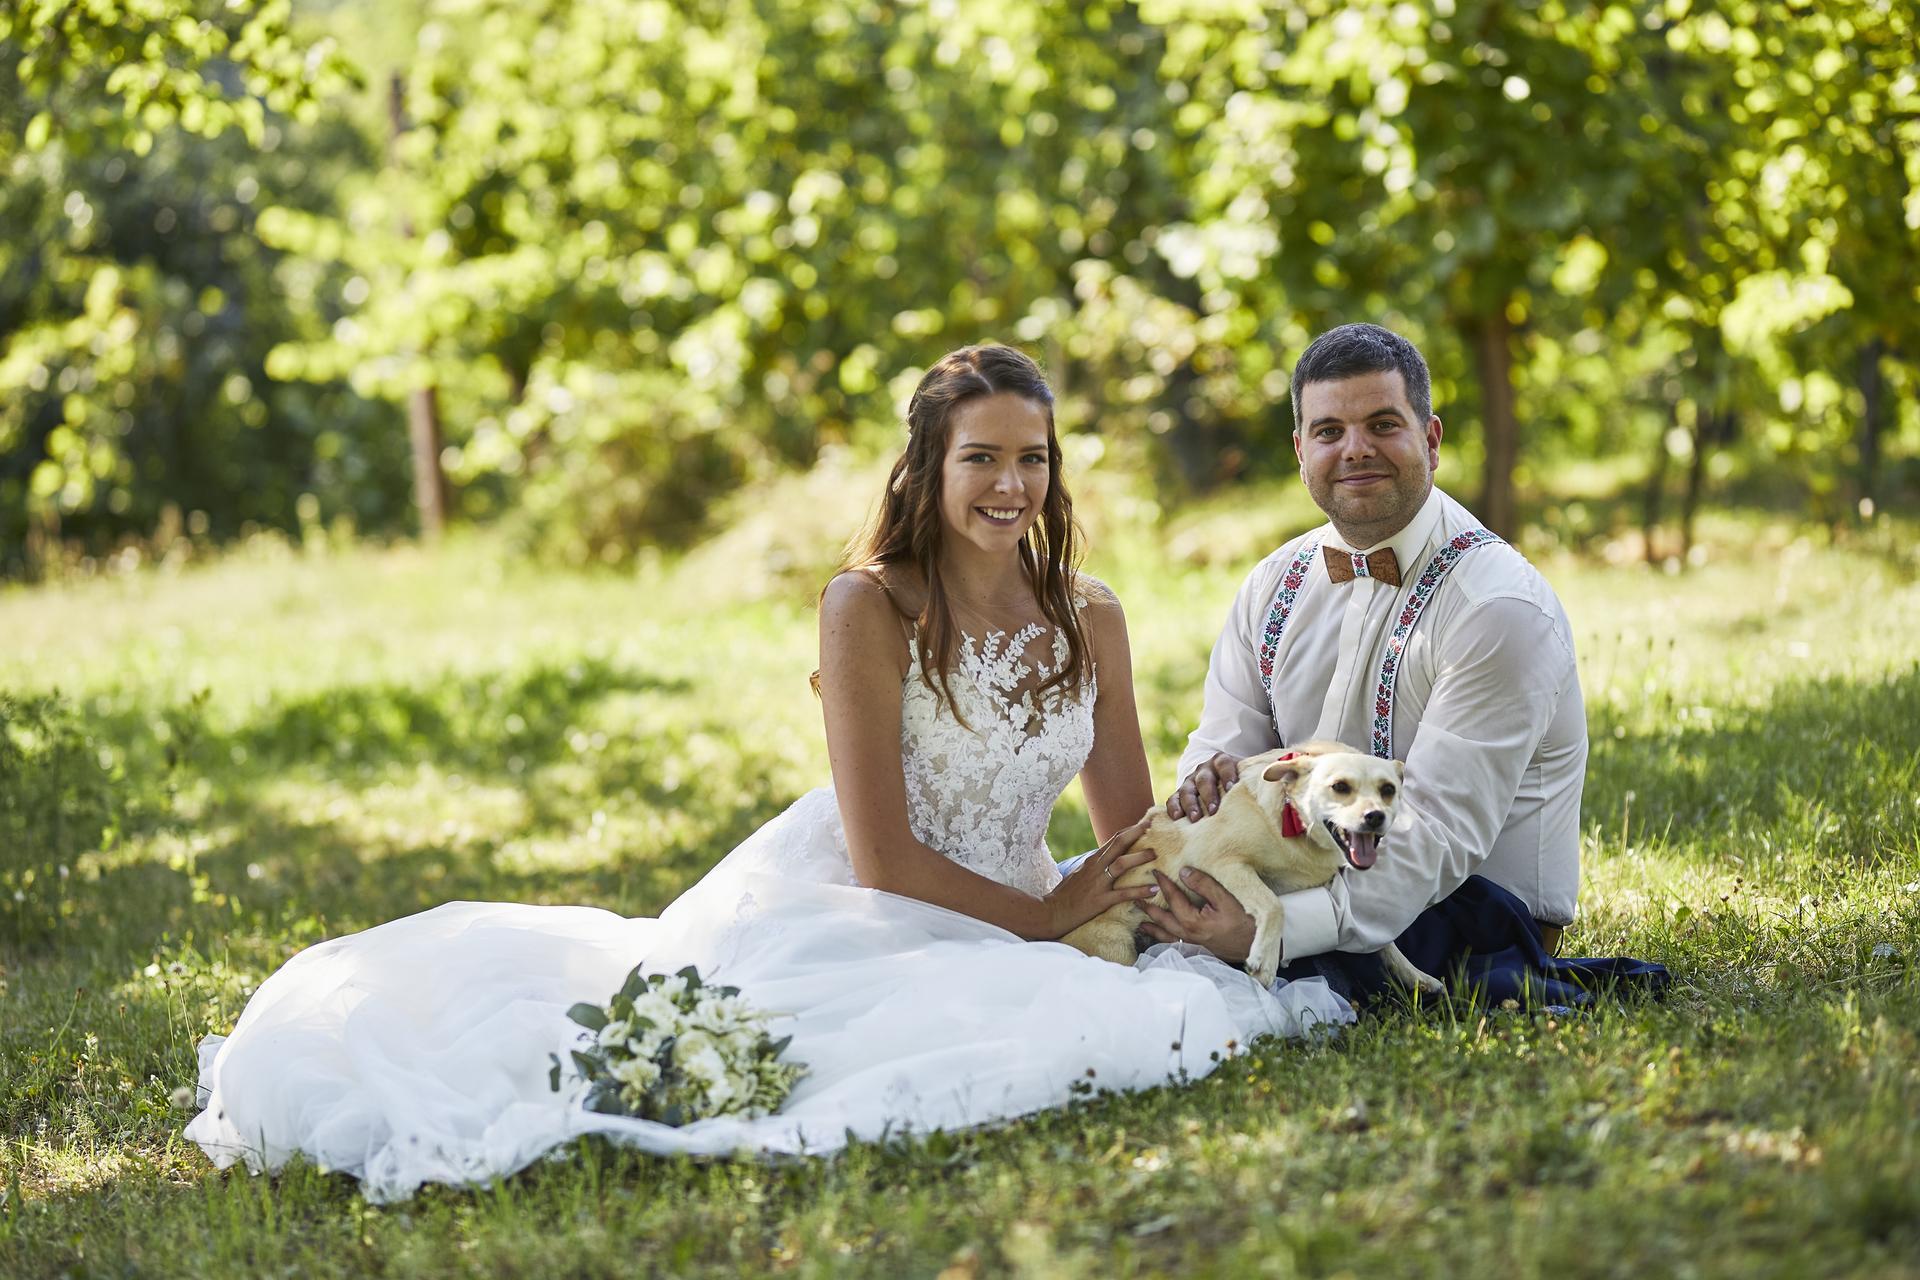 Naše slovácká svatba - Naše miminko!